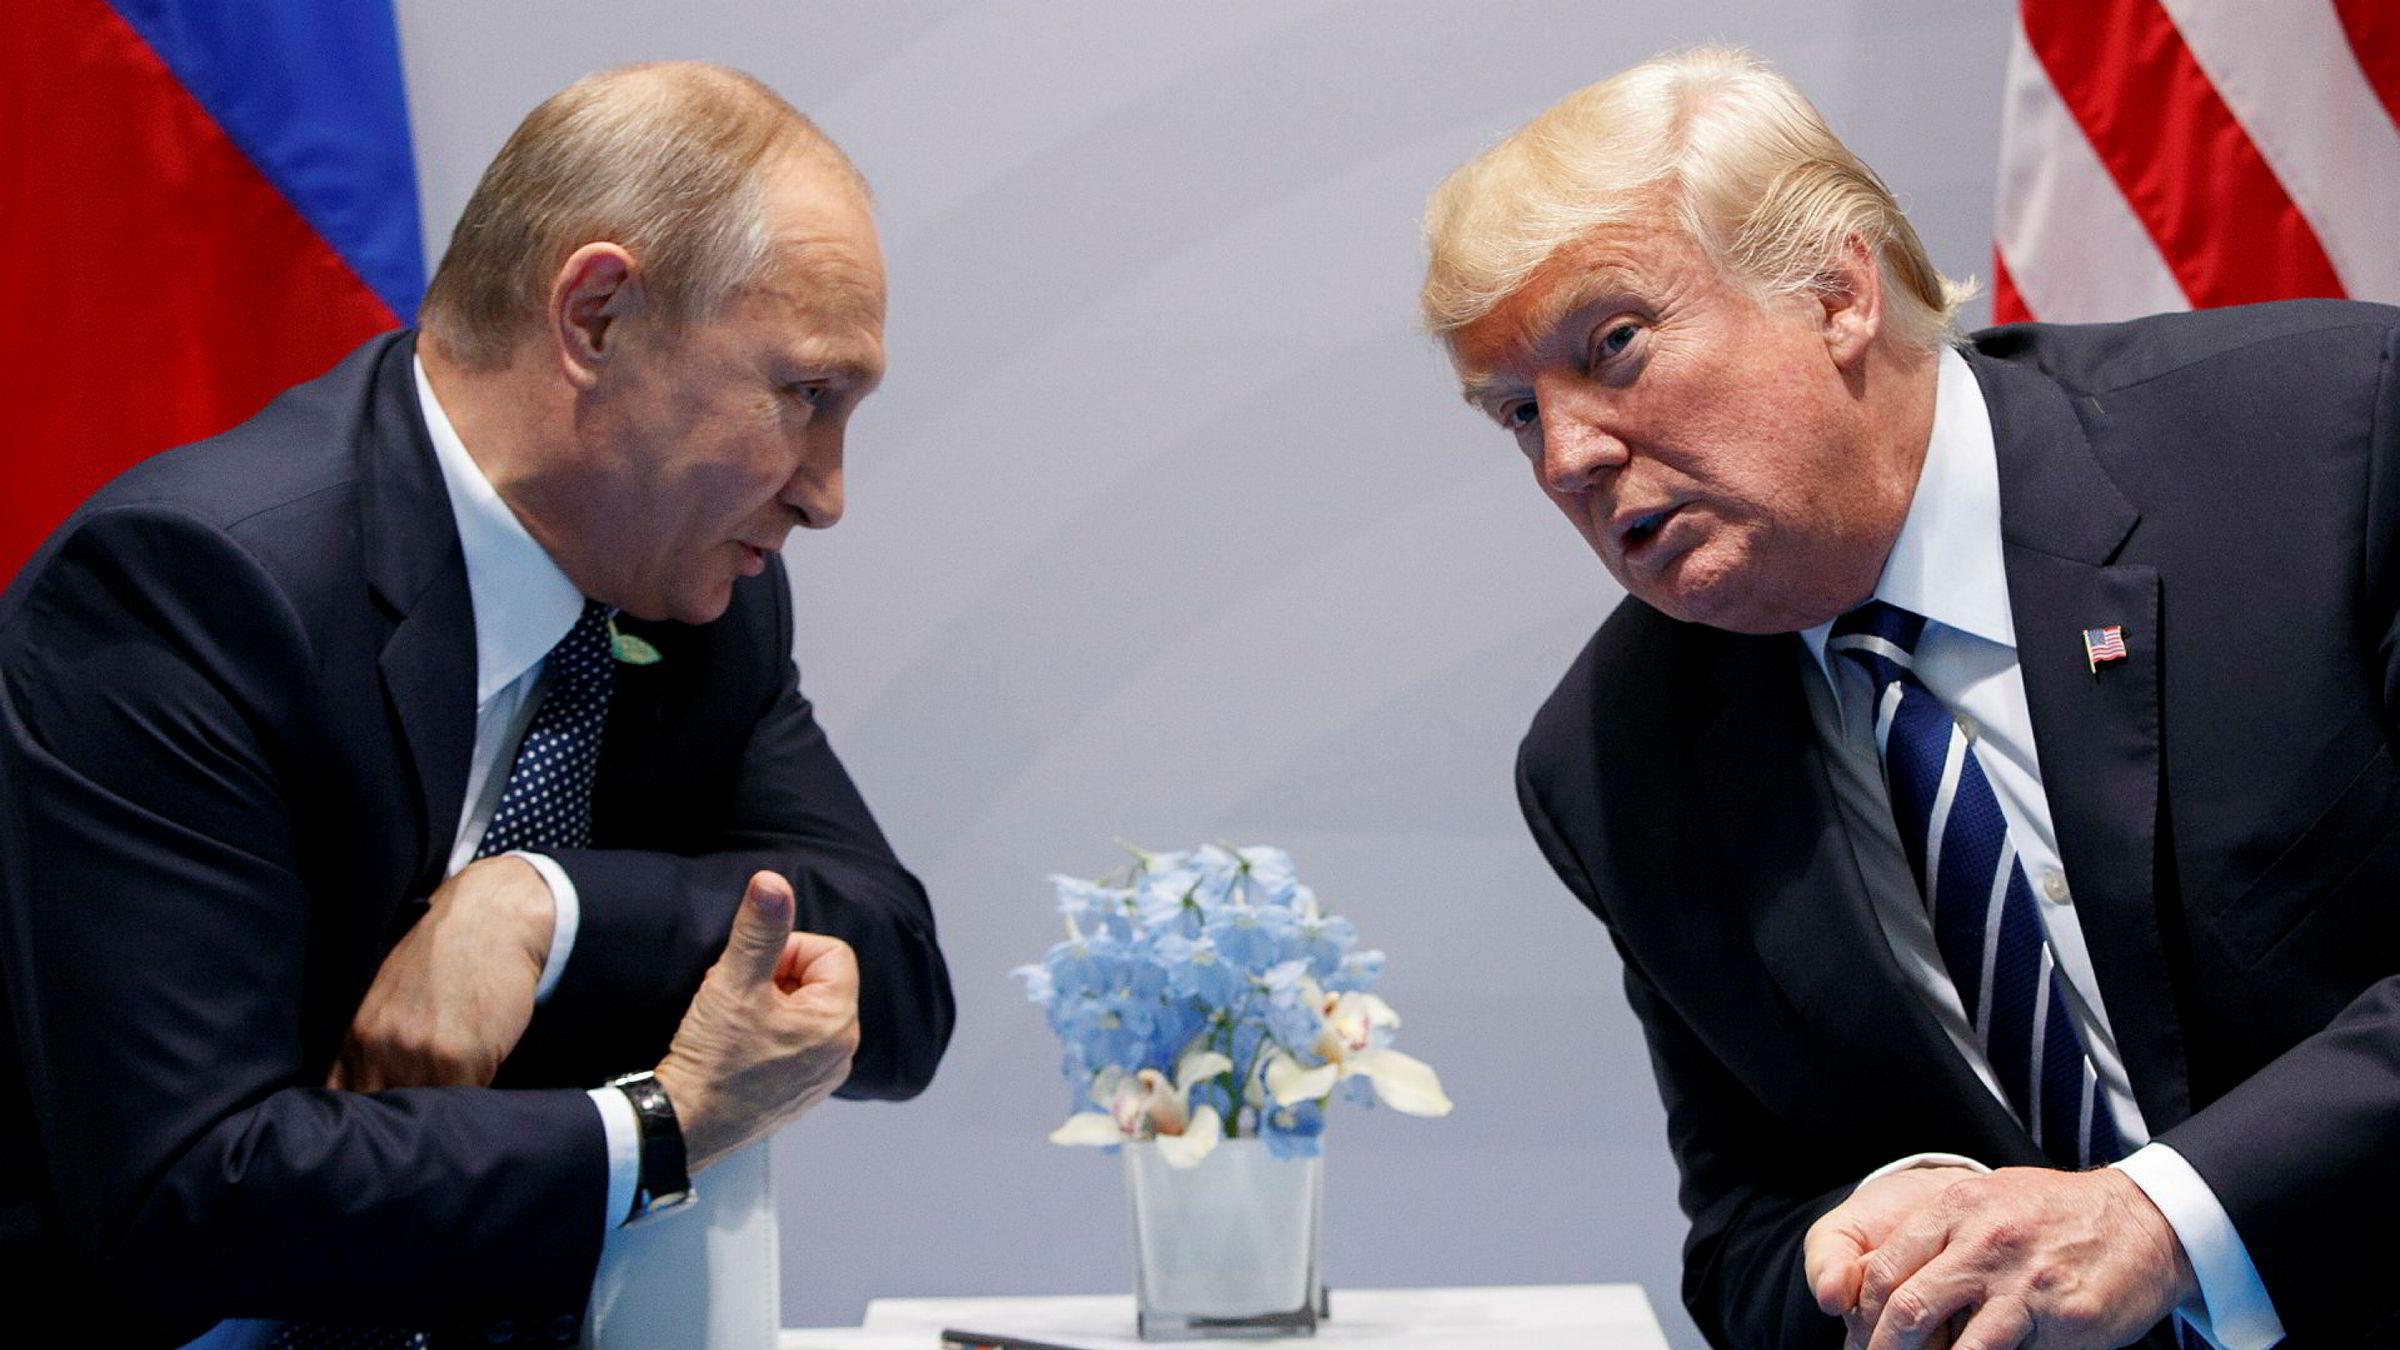 USAs president Donald Trump og Russlands president Vladimir Putin skal muligens møtes i Wien. Her fra G20-toppmøtet i Hamburg ifjor sommer.